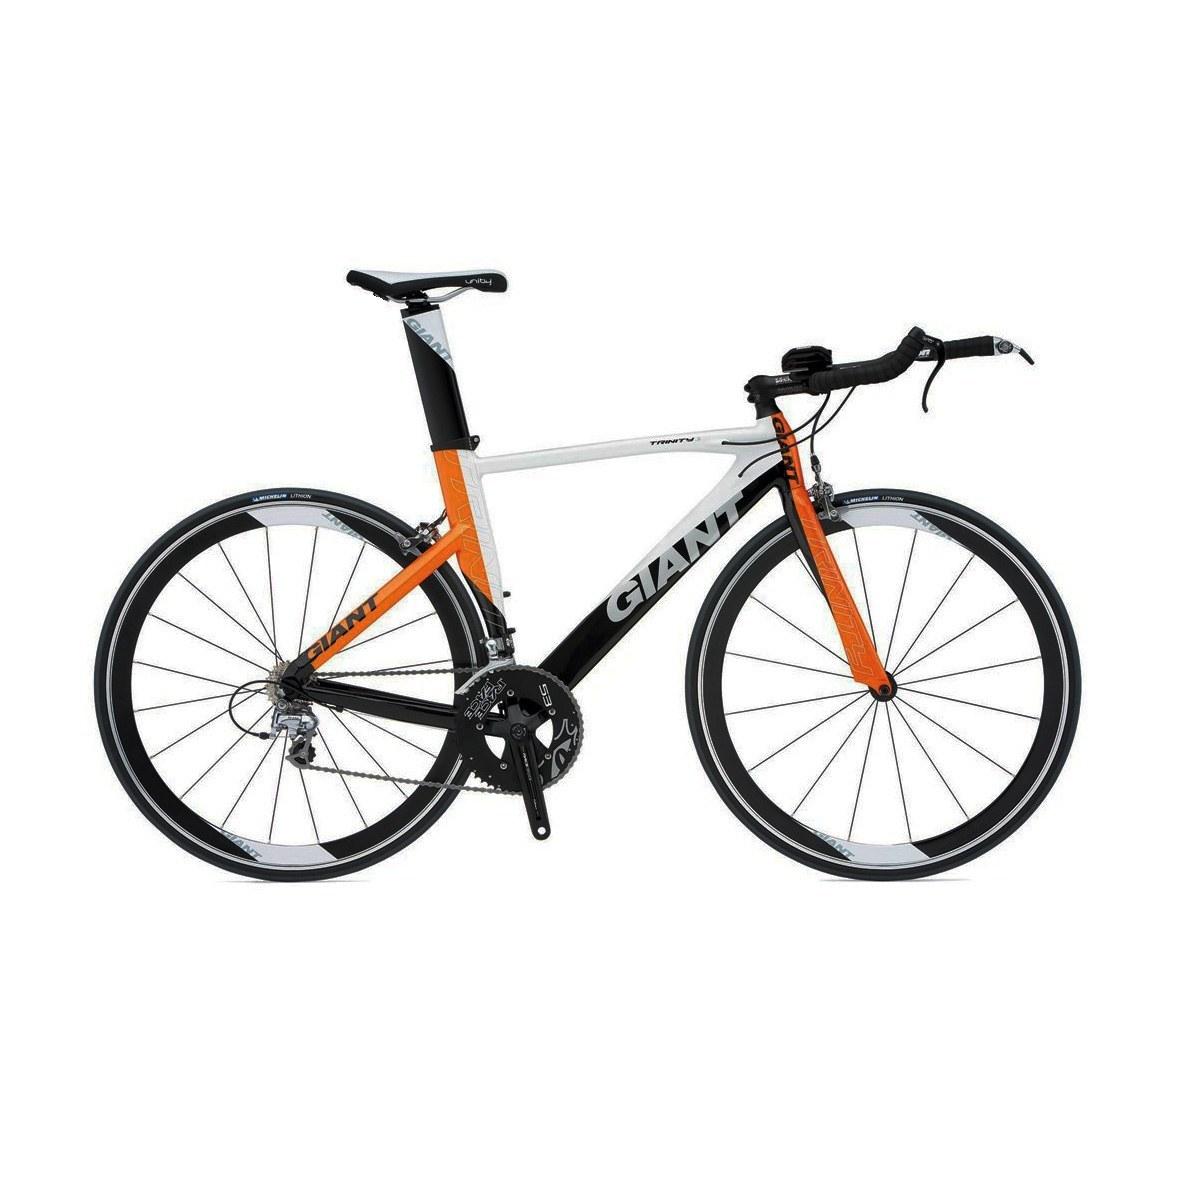 دوچرخه کورسی جاینت مدل TRINITY سایز 28 اینچ